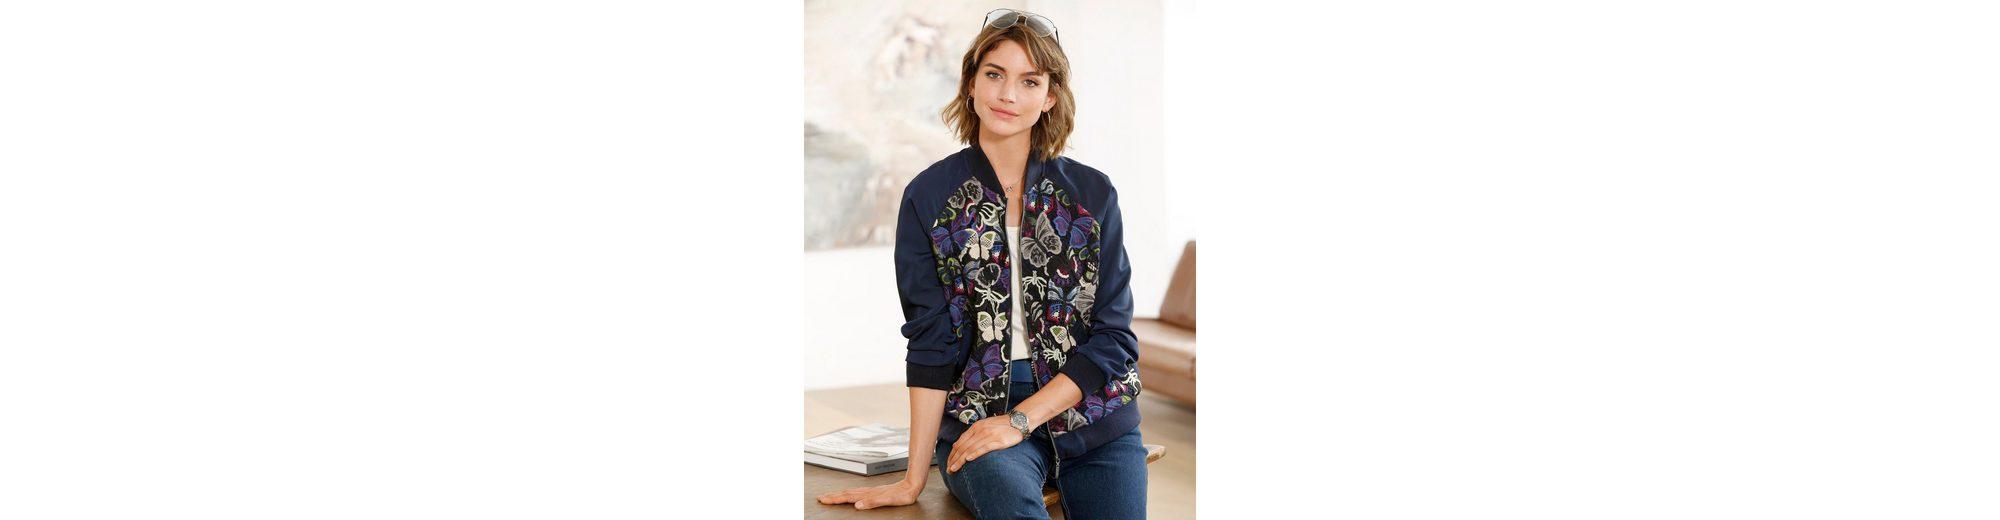 Mona Blouson mit edler Spitze Freies Verschiffen Preiswerter Preis Neue Stile Online Verkauf k4jR6